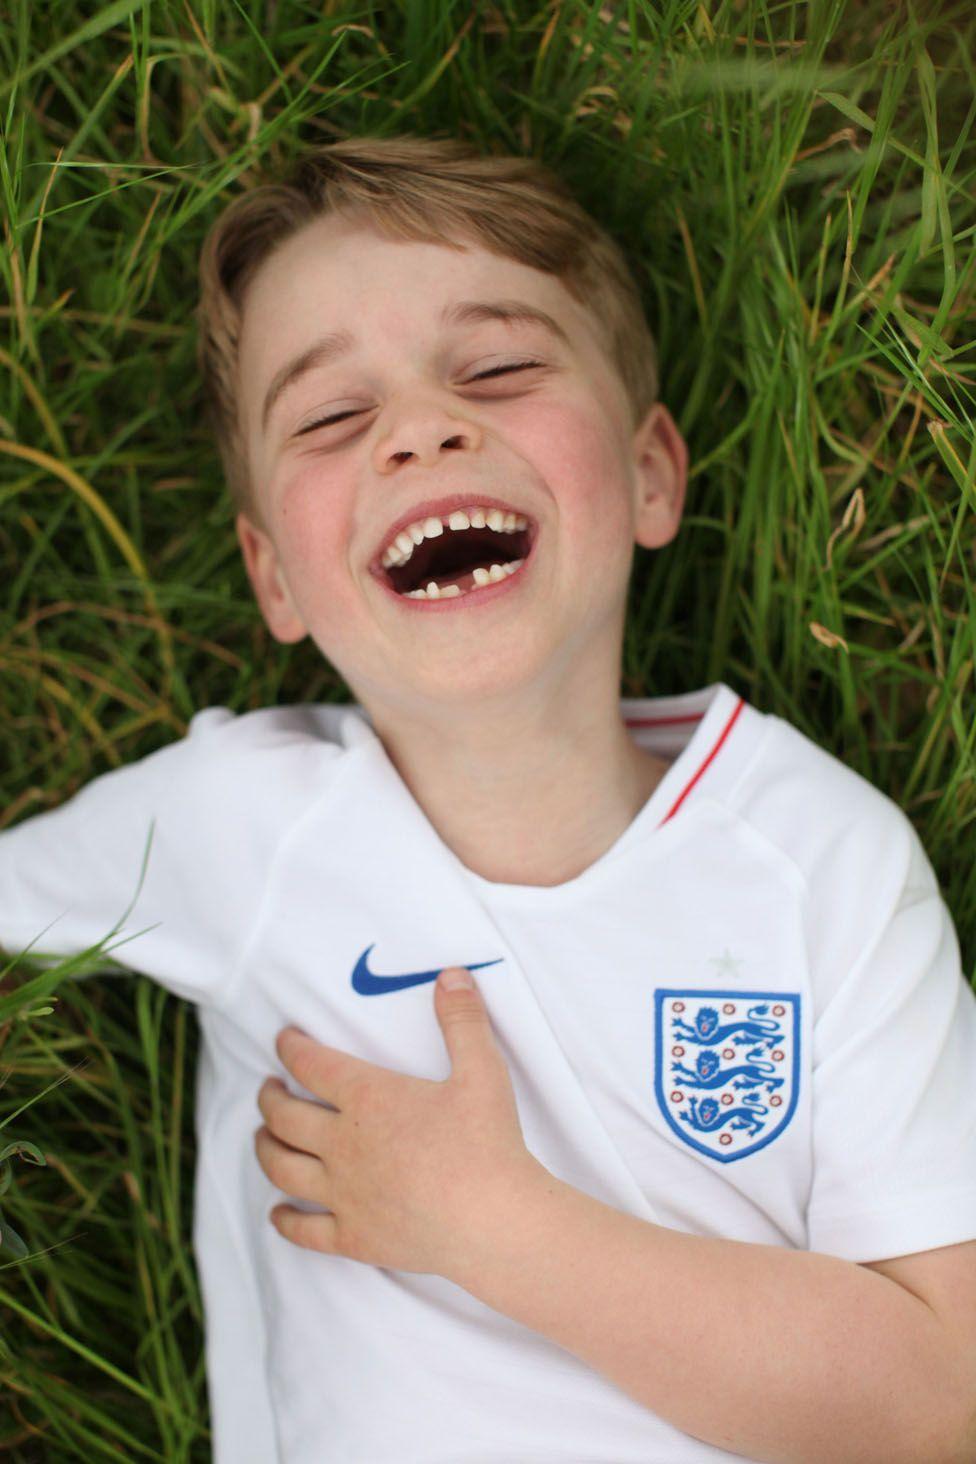 Принцу Джорджу шесть лет. Новые фотографии маленького принца - BBC ...